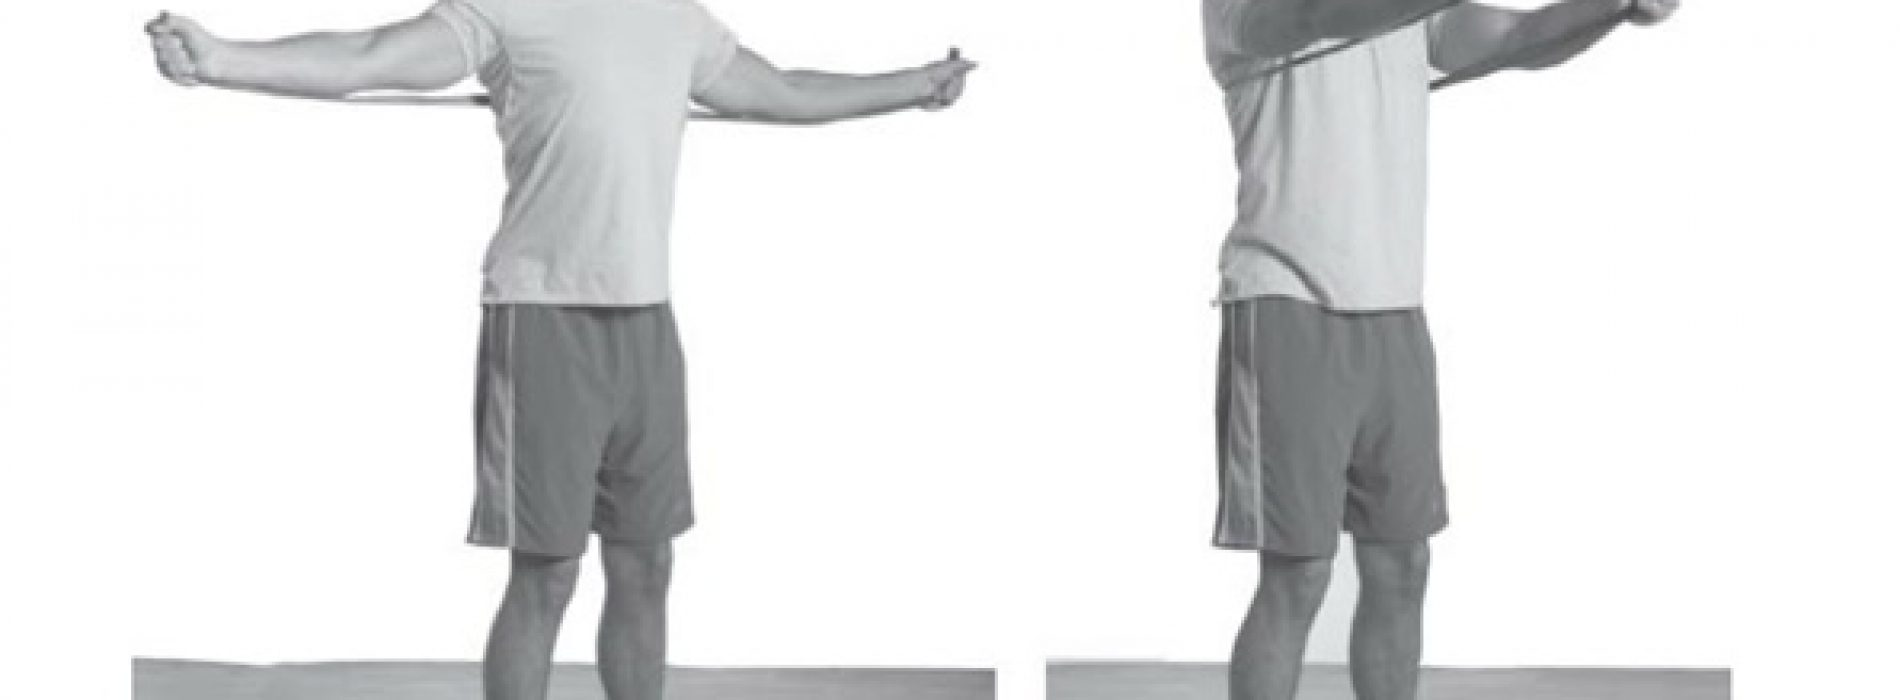 افزایش کنترل، تمرکز،دقت حرکتی در سنگ نوردی با کش های پیلاتس